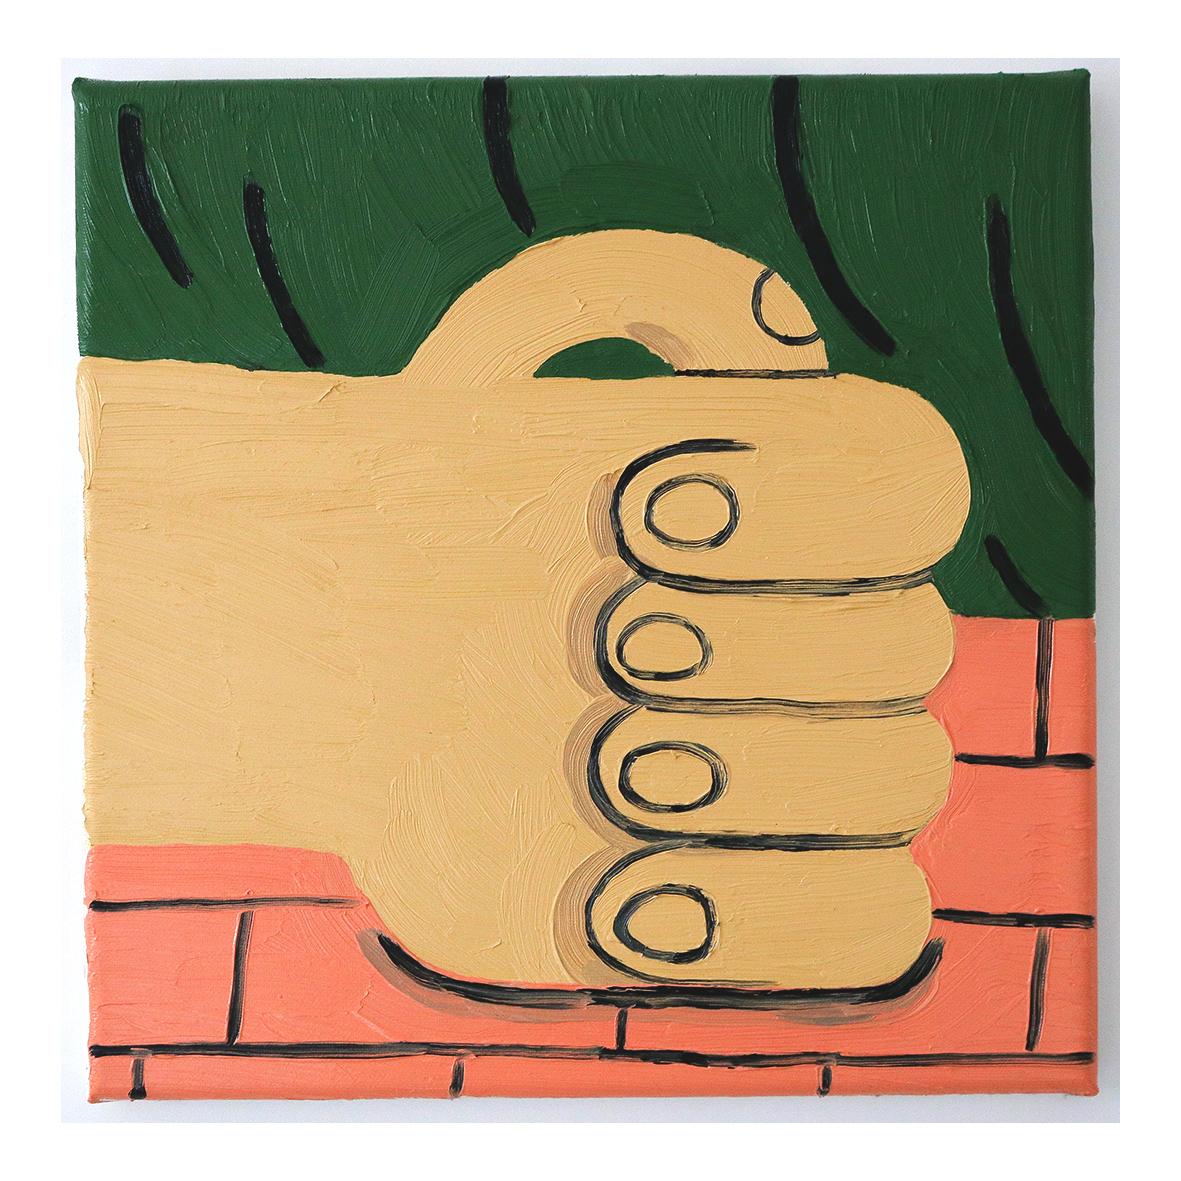 @hannahwwilson Hand (Study), 2020 Oil on Canvas 30 x 30cm